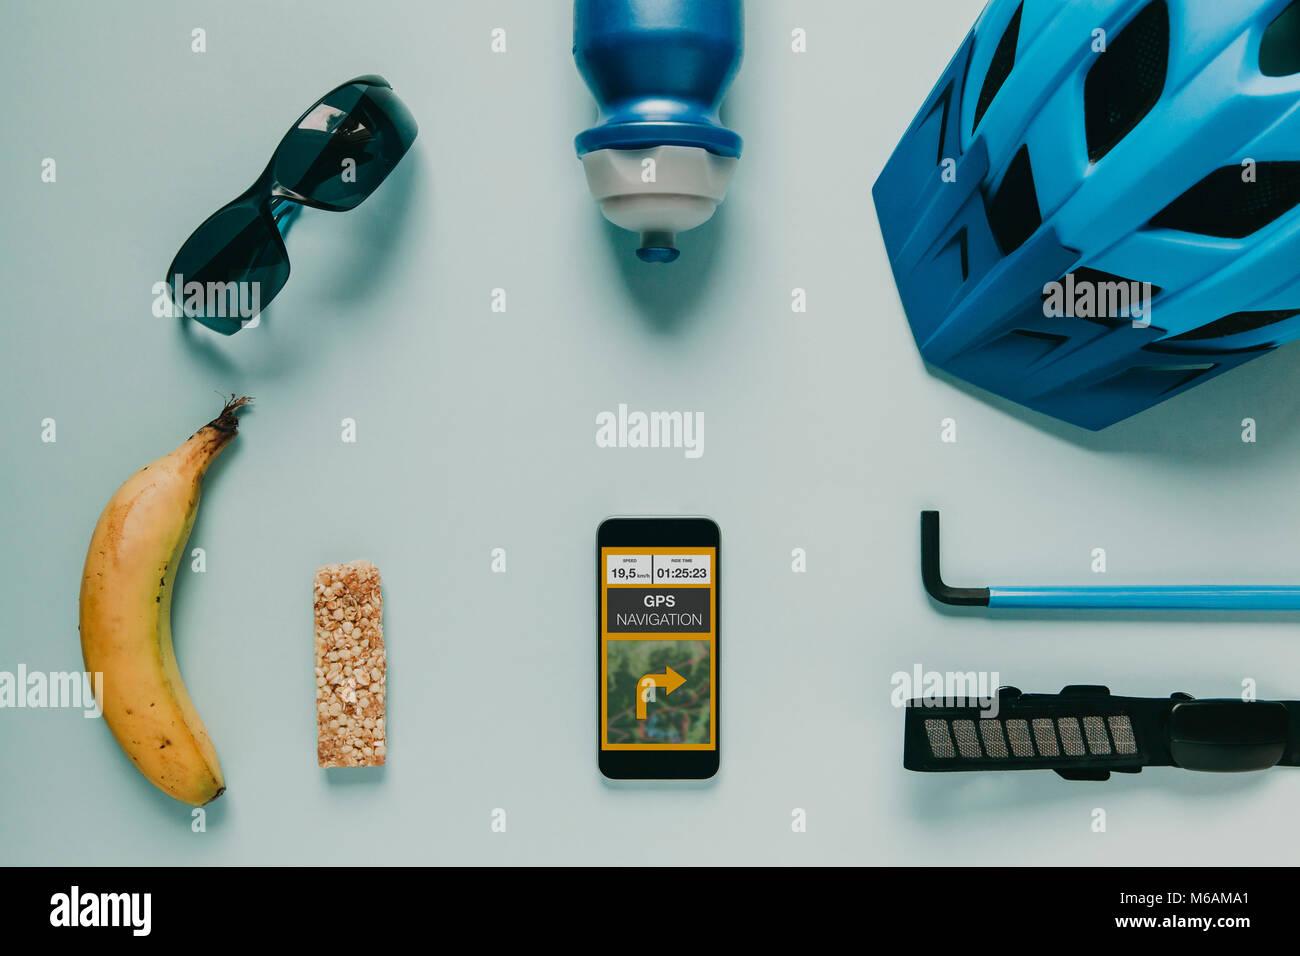 Accesorios ciclismo sobre fondo azul, y ruta GPS en la pantalla del teléfono móvil. Foto de stock